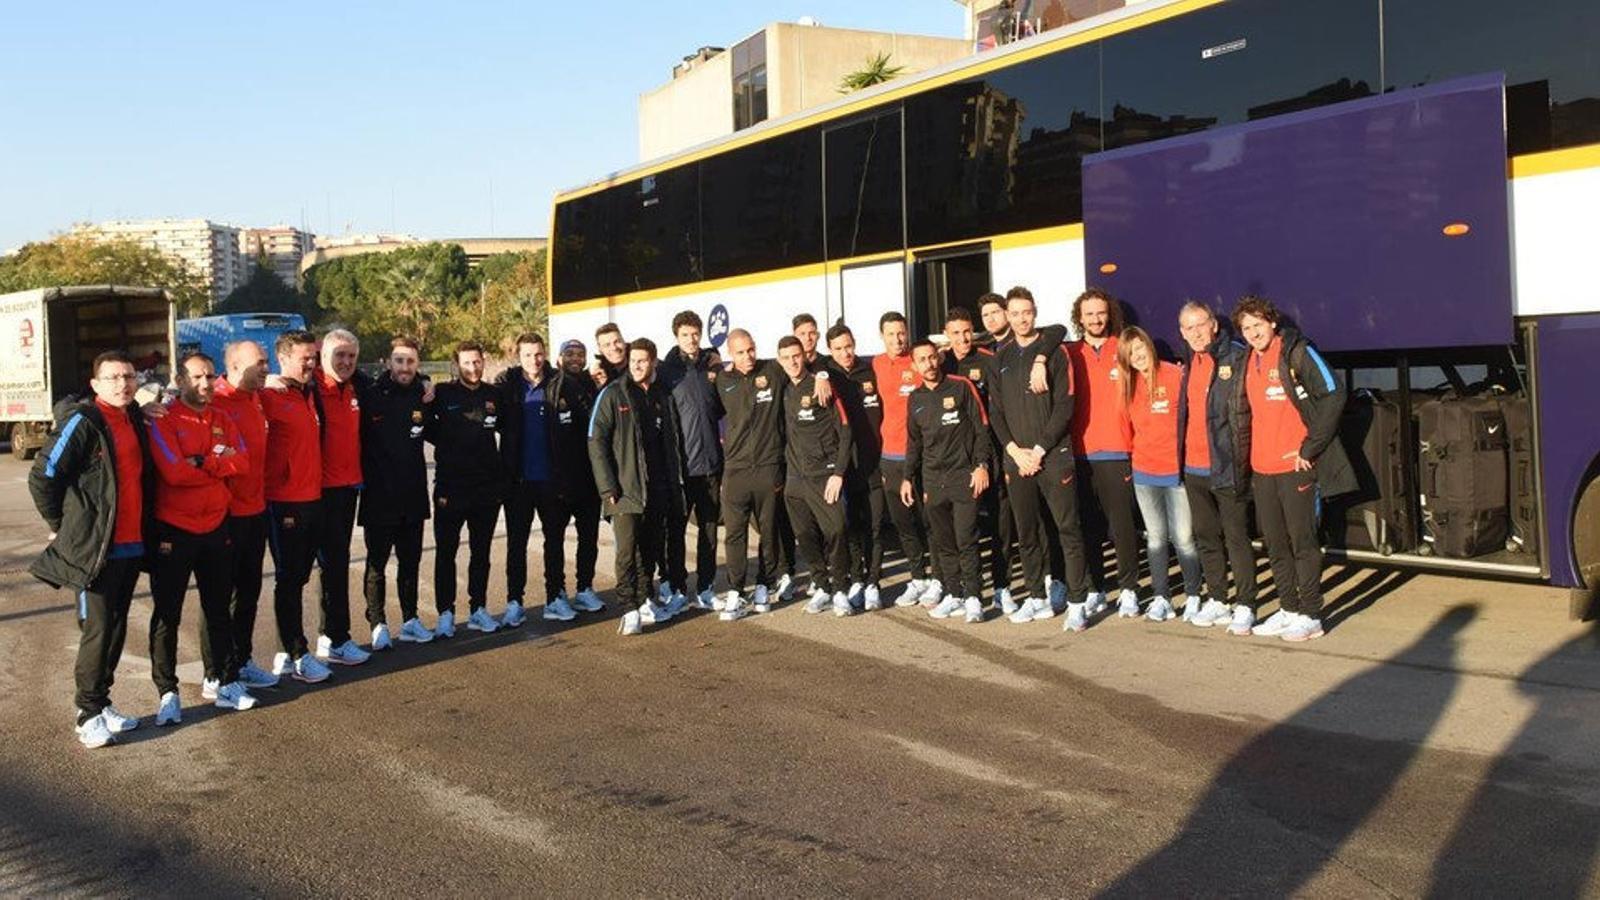 L'expedició del Barça Lassa abans de marxar cap a Pescara per disputar-hi la Ronda Elit de la Champions League.